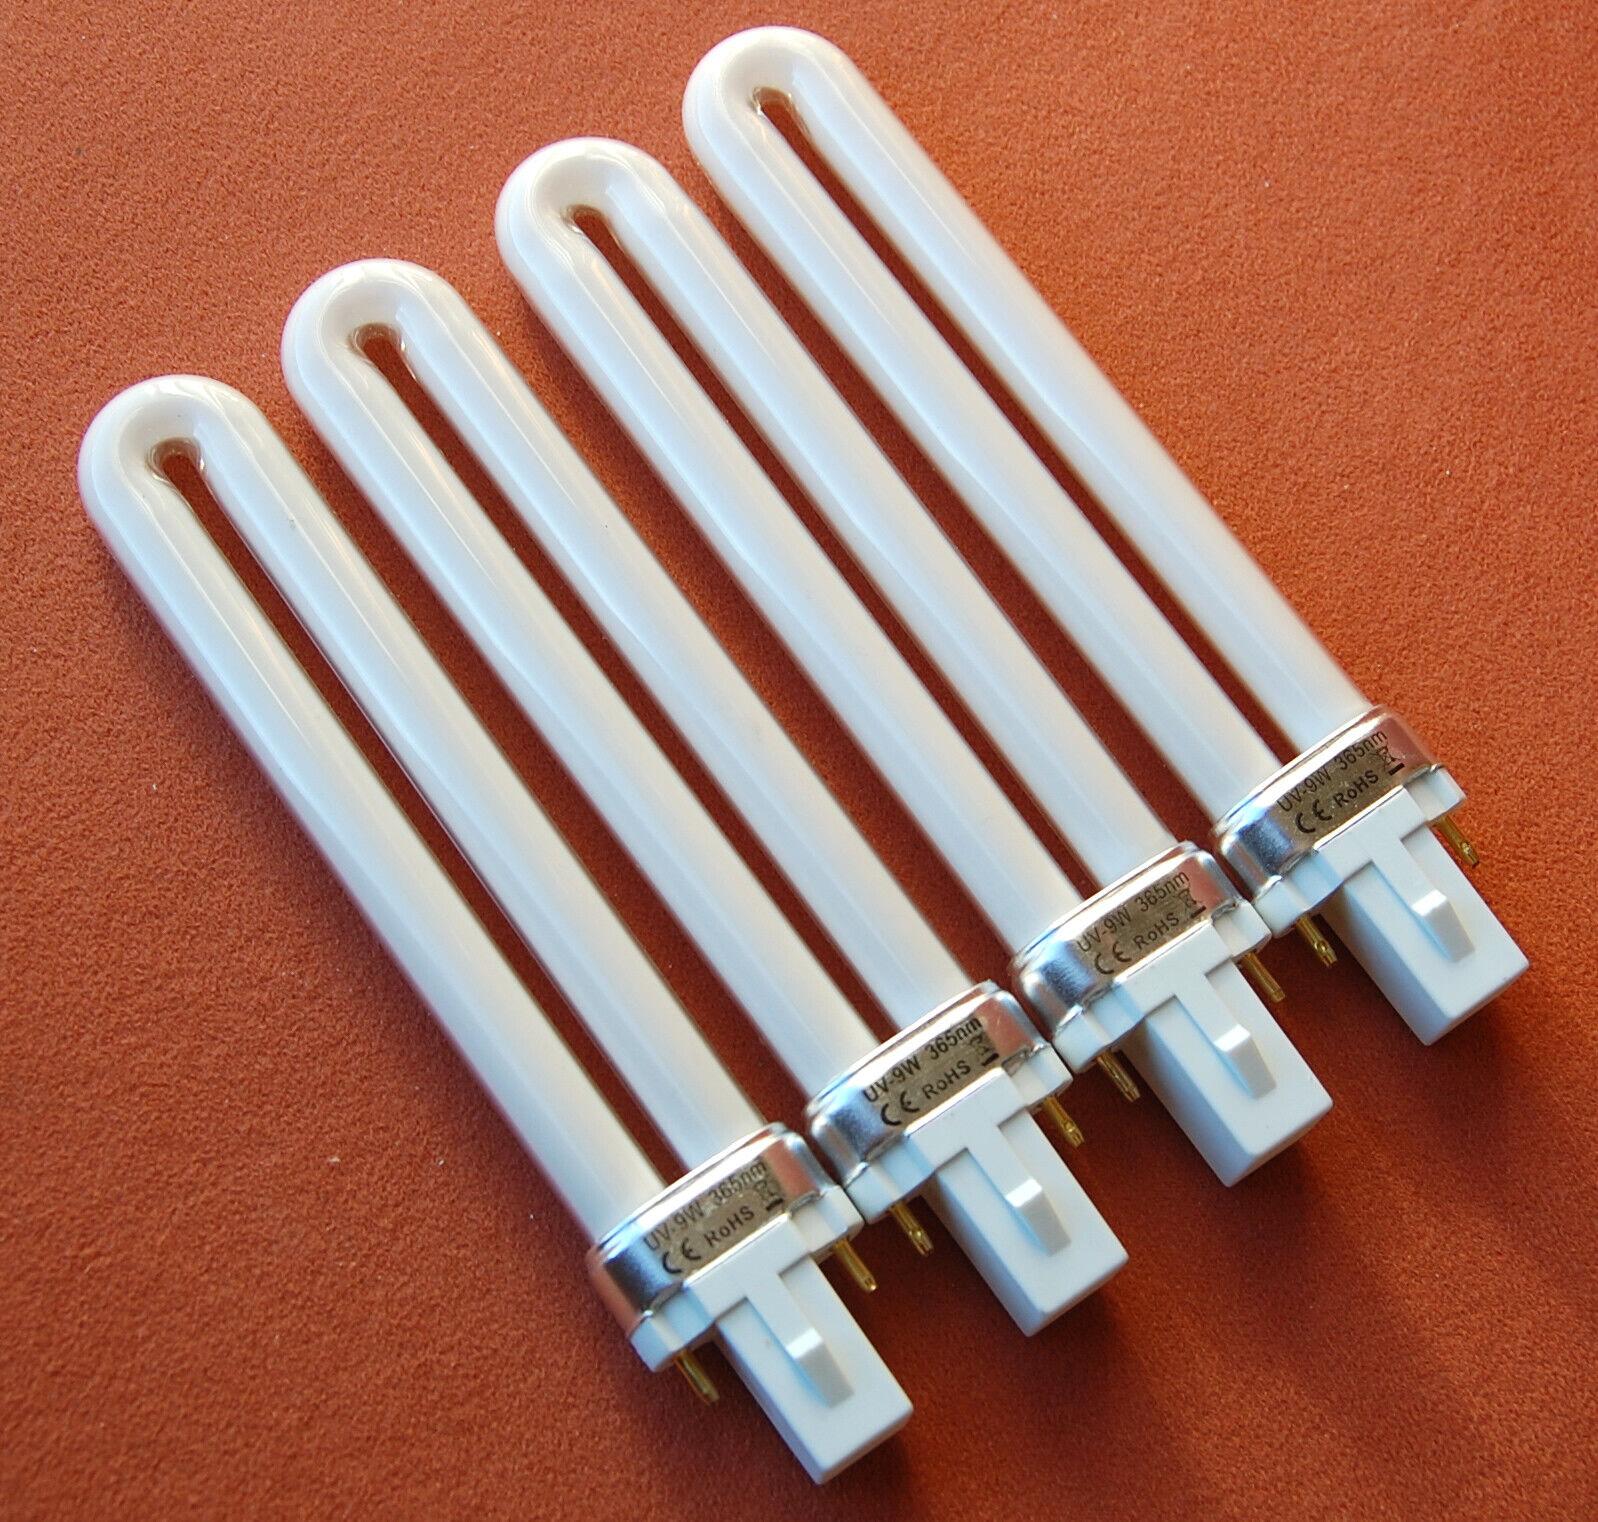 8 x Digital Ersatzröhren  DC Röhre für UV Lampe Lichthärtungsgerät